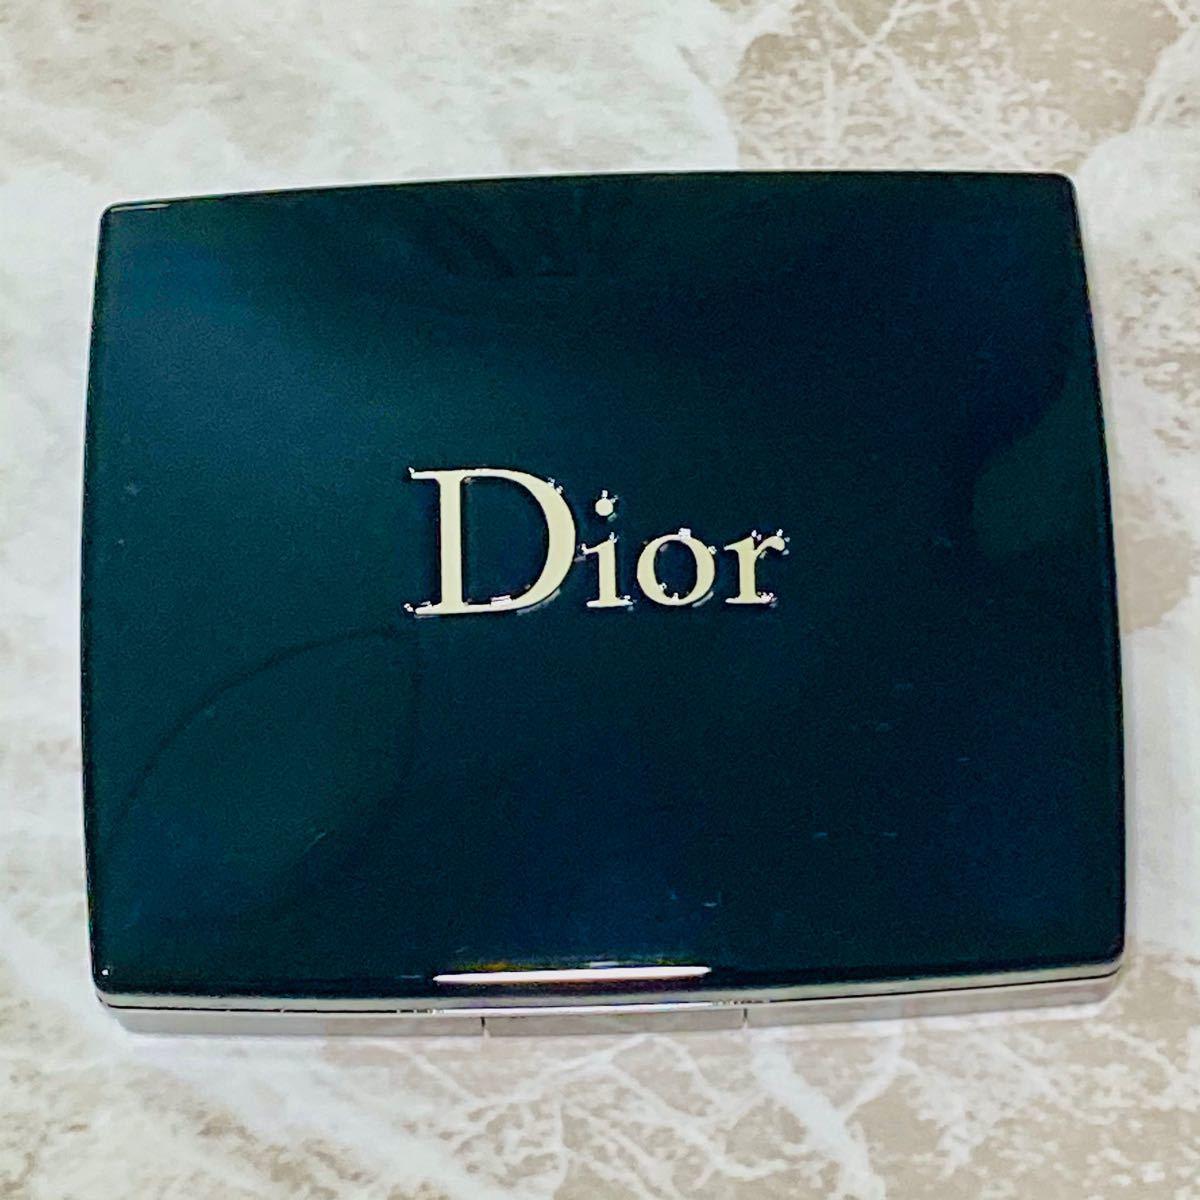 【人気品のみ!】極美品 Dior ディオール アイシャドウ サンククルール 637 ペタル